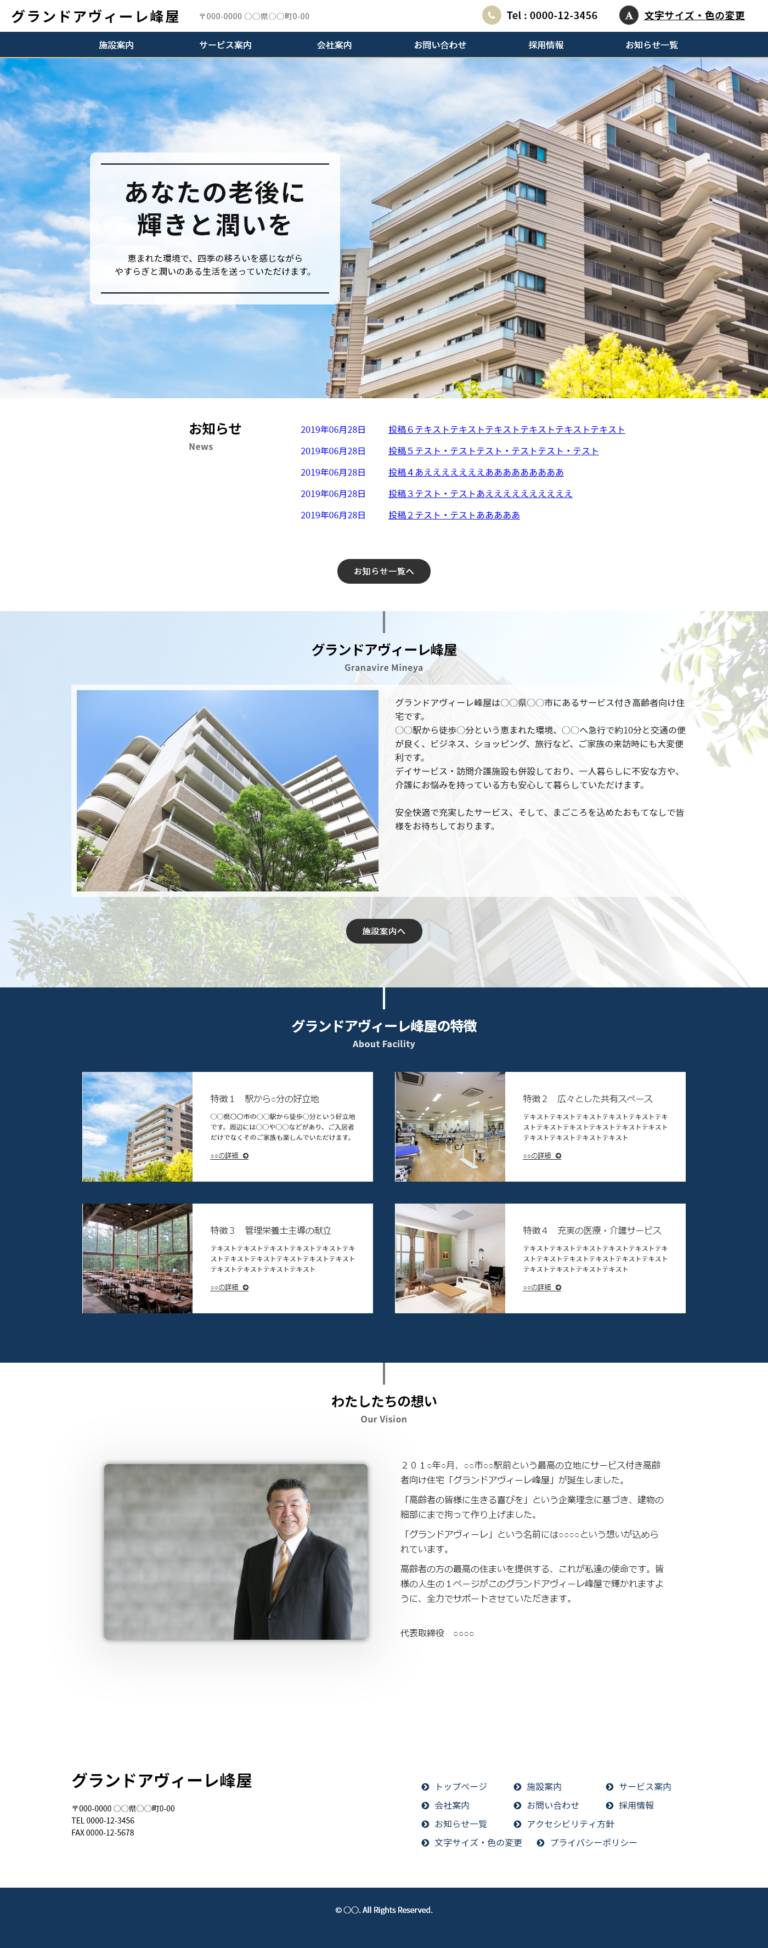 サービス付き高齢者向け住宅テンプレート デザイン1 トップページ